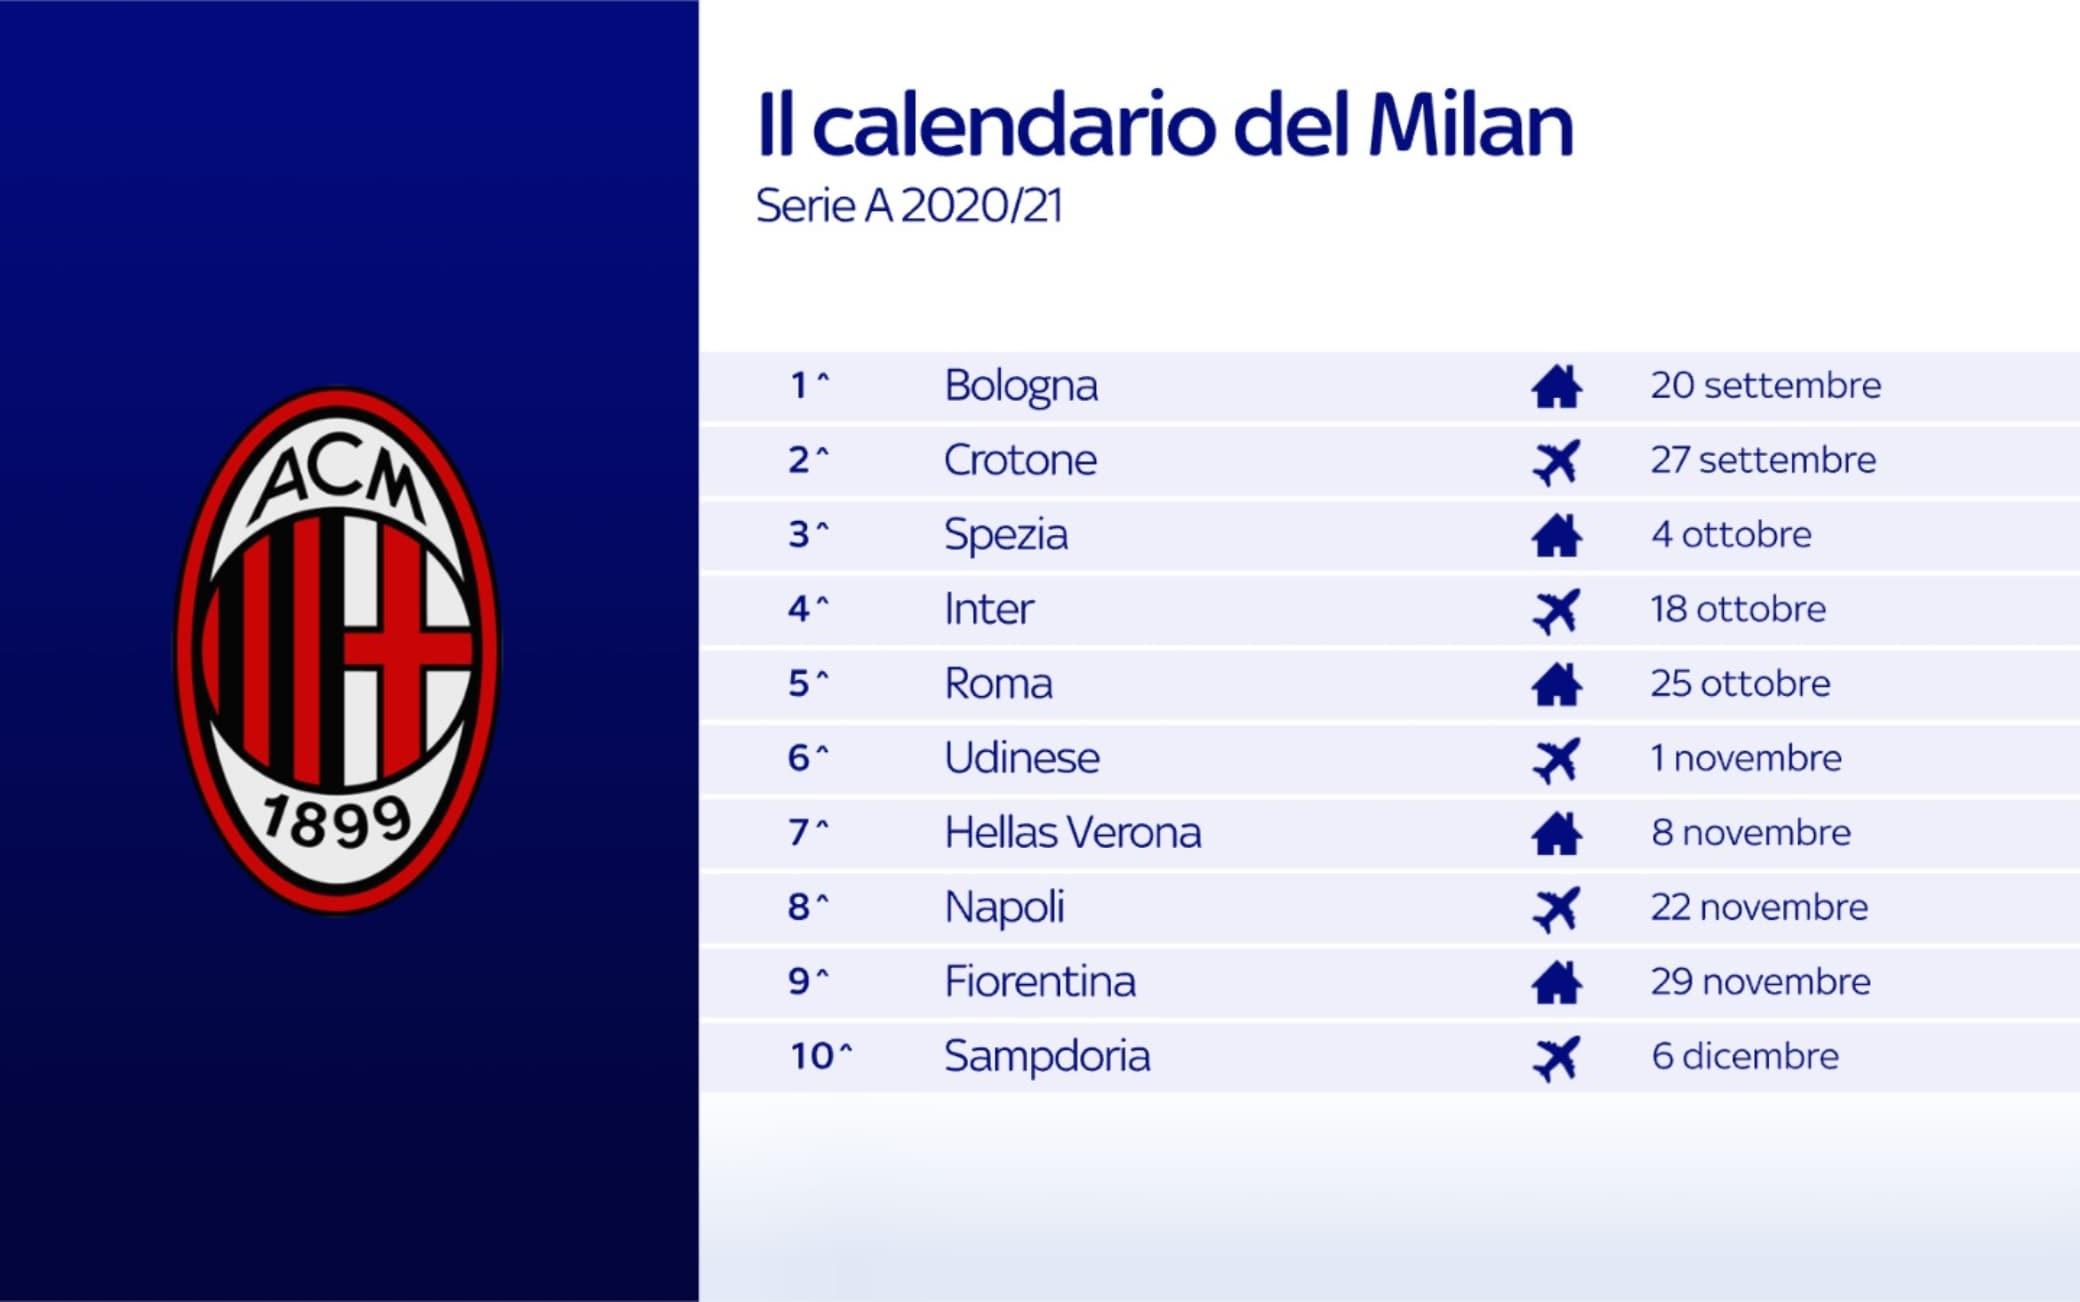 Calendario Milan, le partite dei rossoneri nel prossimo campionato